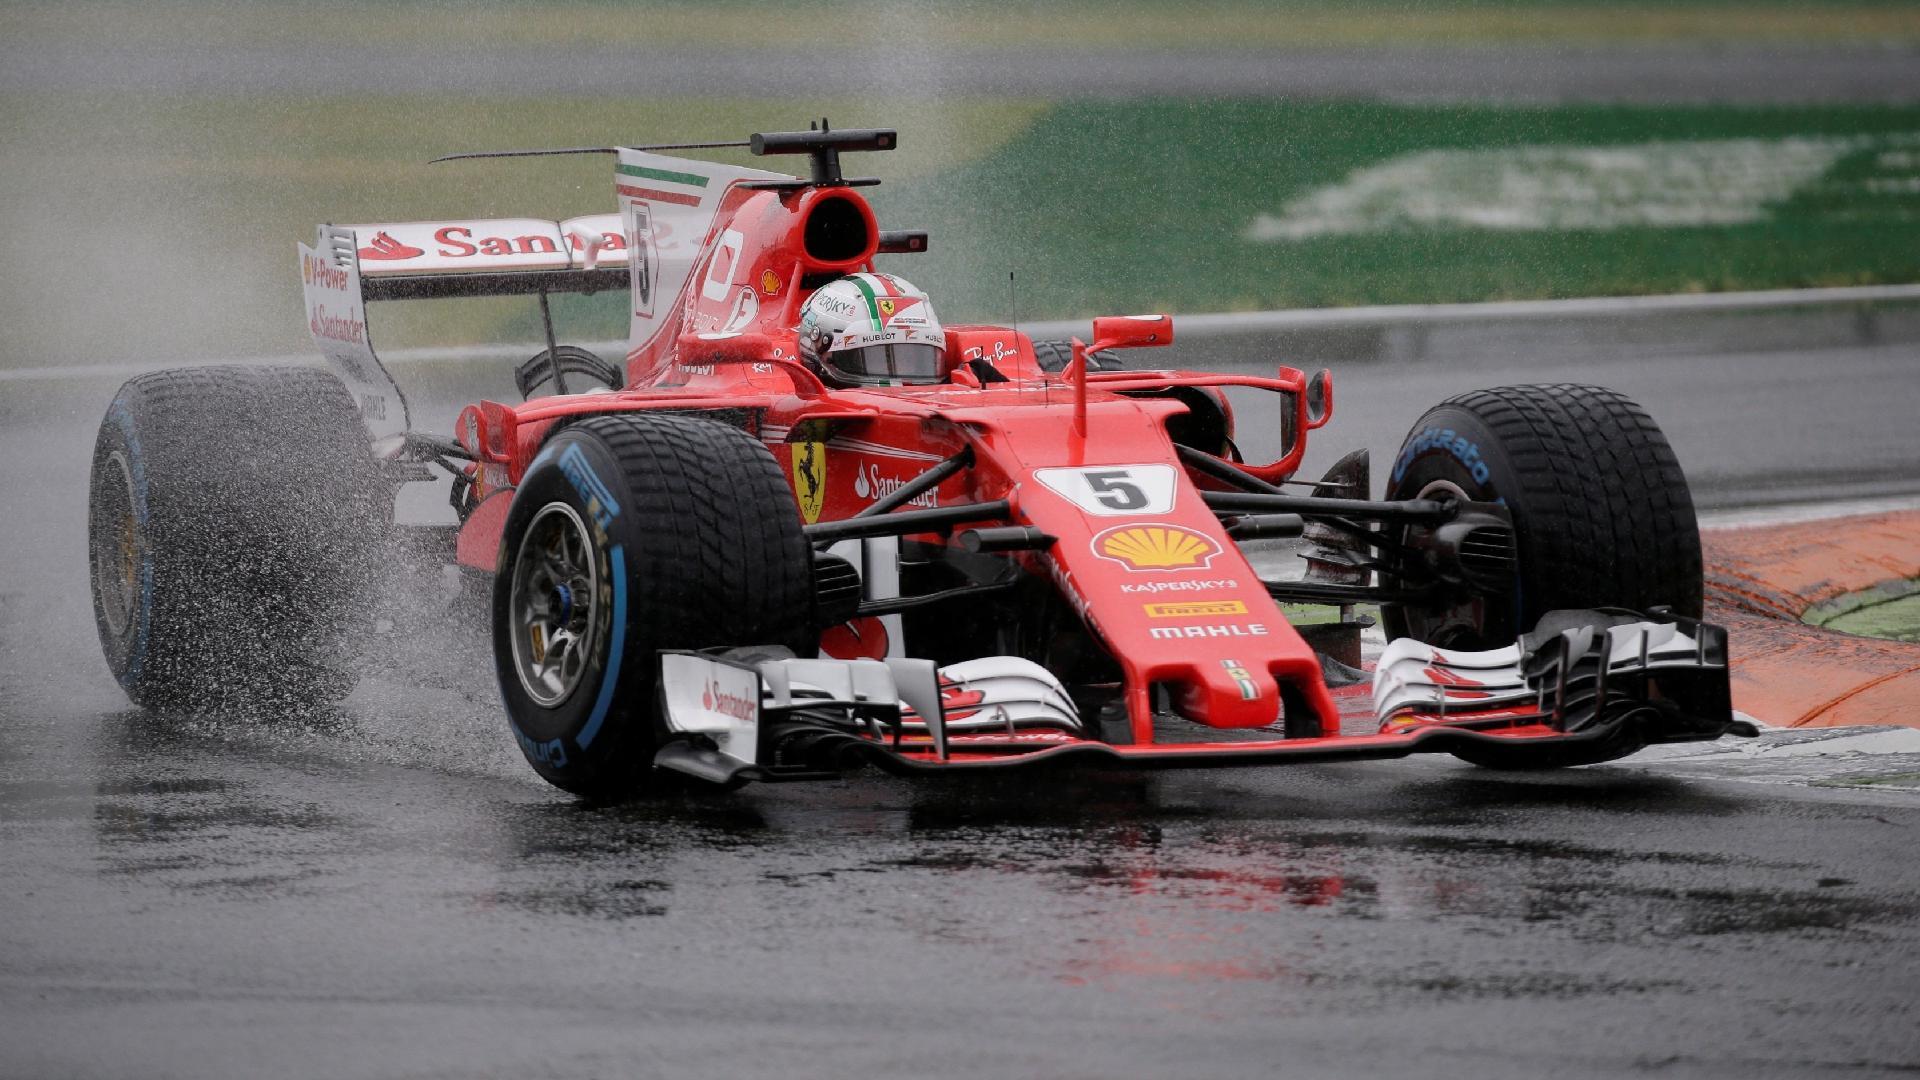 c4879443f53 Ferrari ficará sem o patrocínio do Santander para 2018